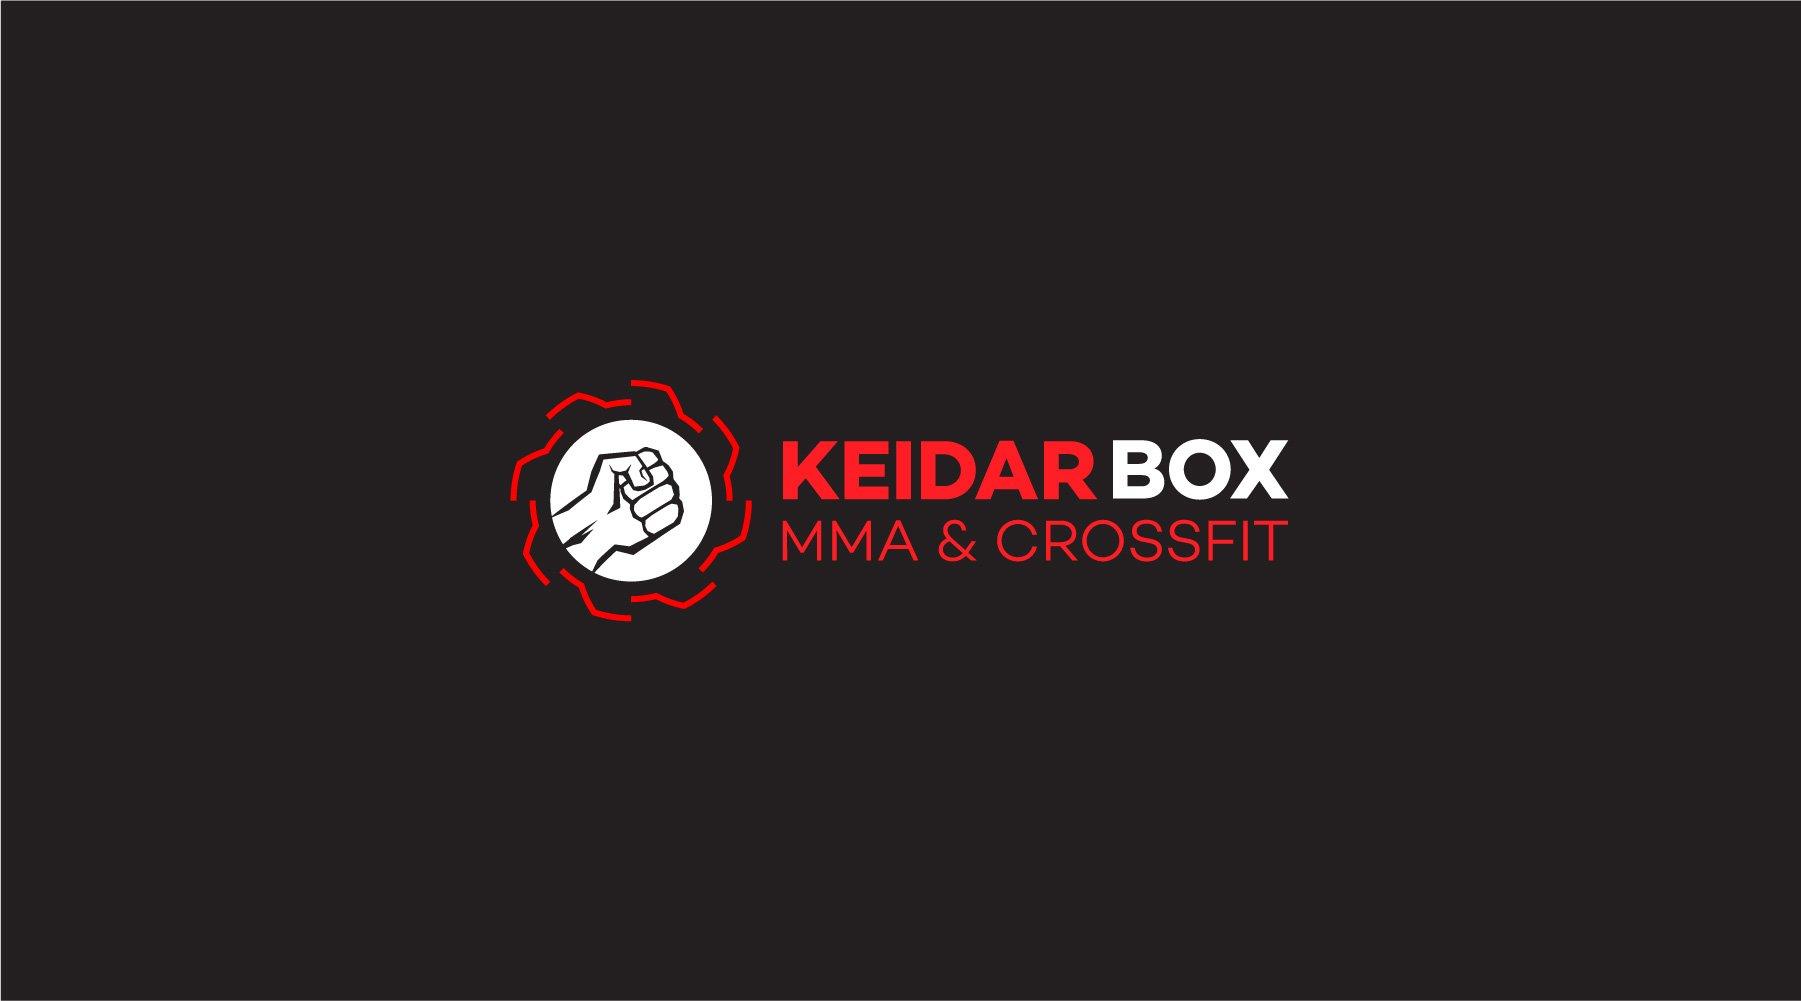 עיצוב לוגו לרשת אומנויות לחימה KEIDARBOX